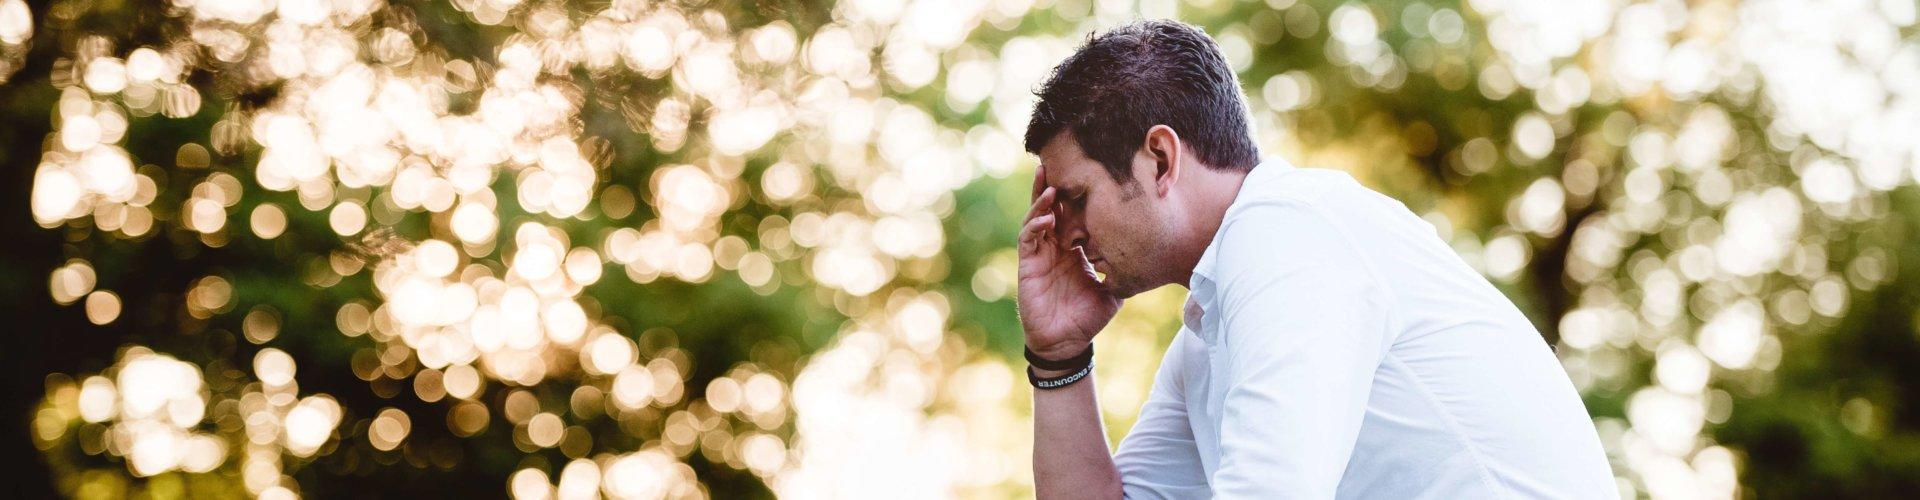 Konzentrationsprobleme Depressionen Darm